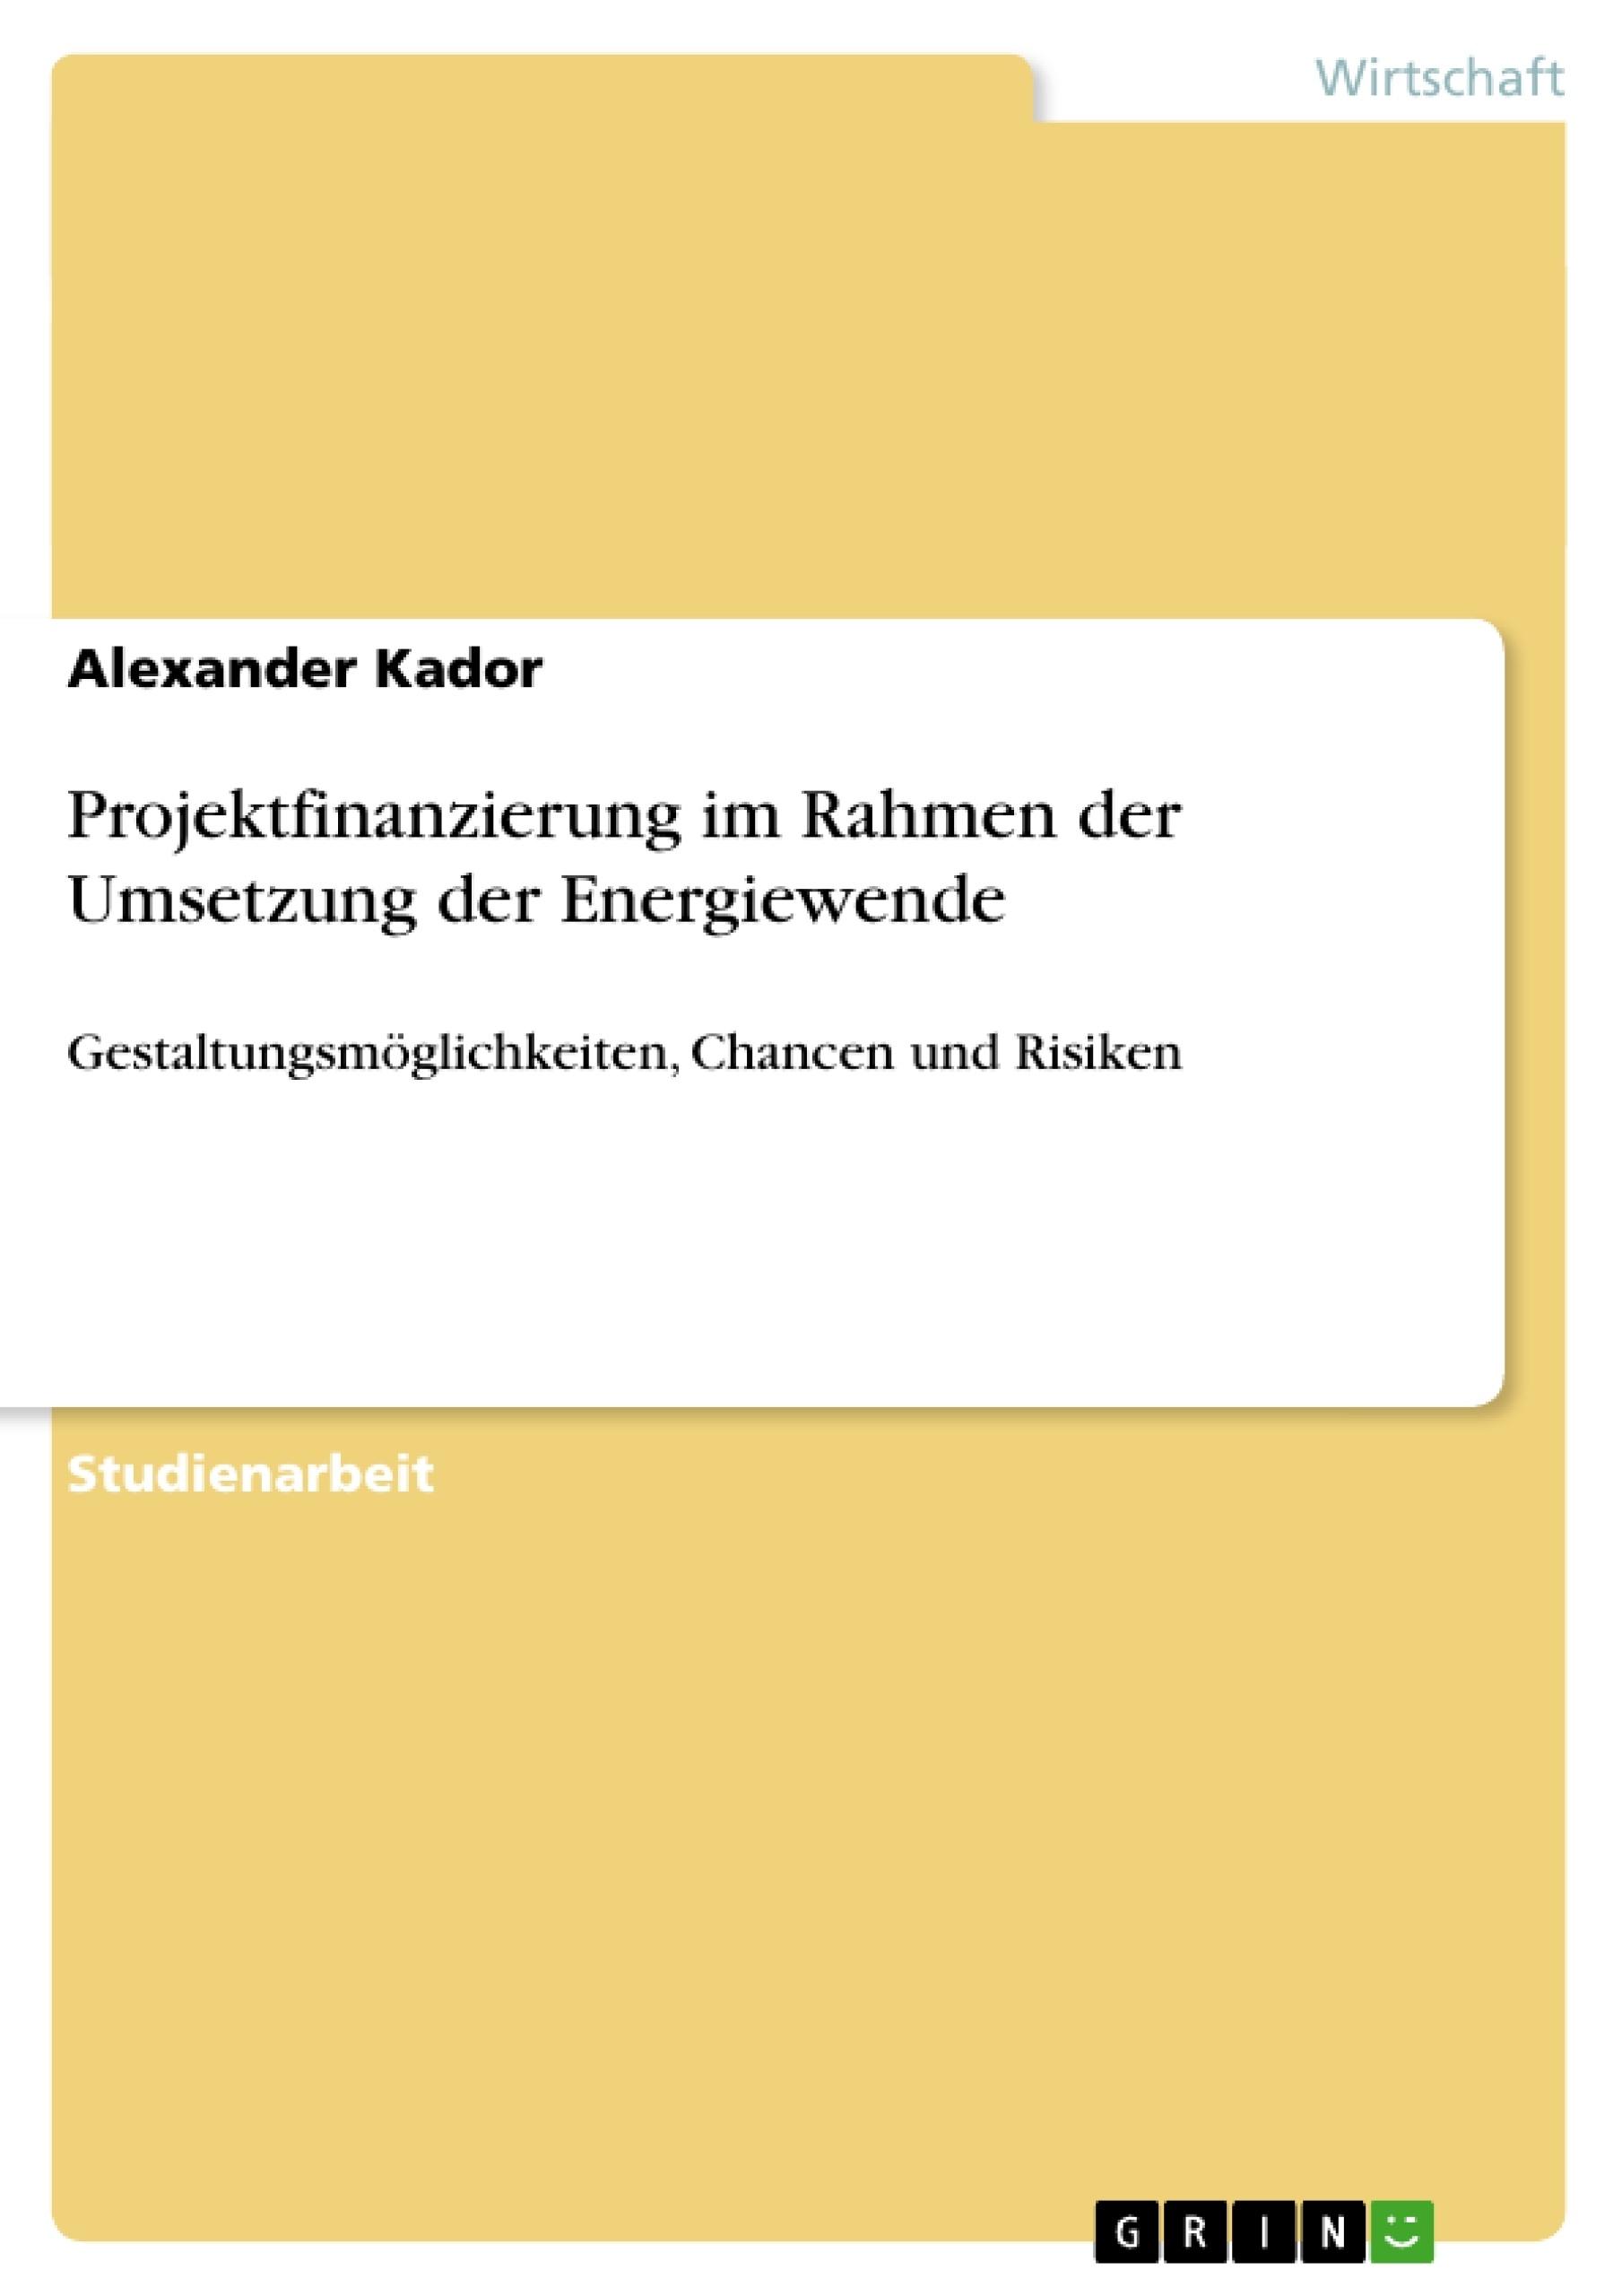 Titel: Projektfinanzierung im Rahmen der Umsetzung der Energiewende